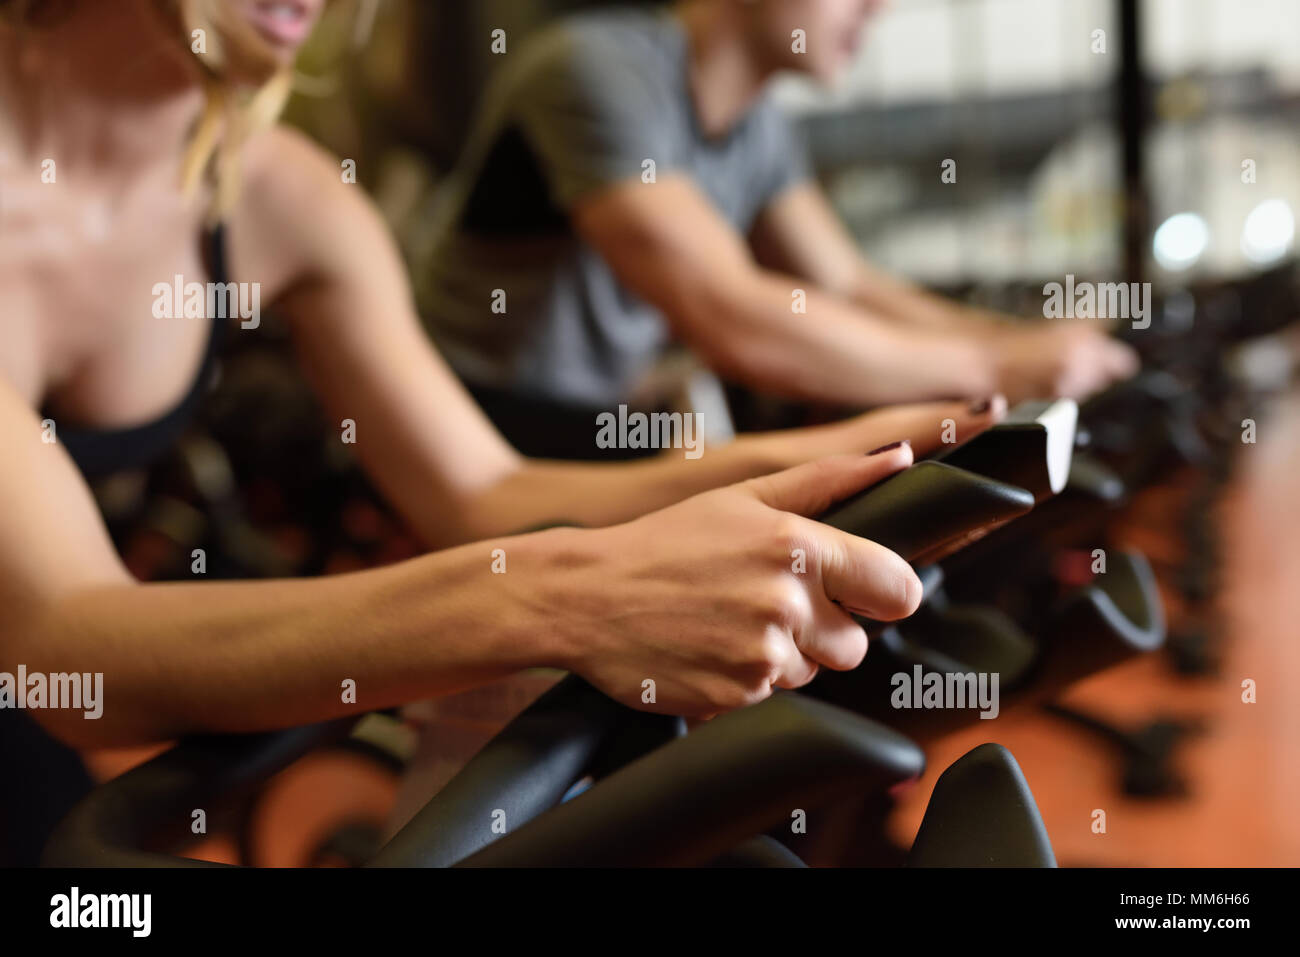 Deux personnes autour de la salle de sport, l'exercice de jambes faisant cardio vélo vélos. Dans un couple de spinning portant des vêtements de sport. Photo Stock